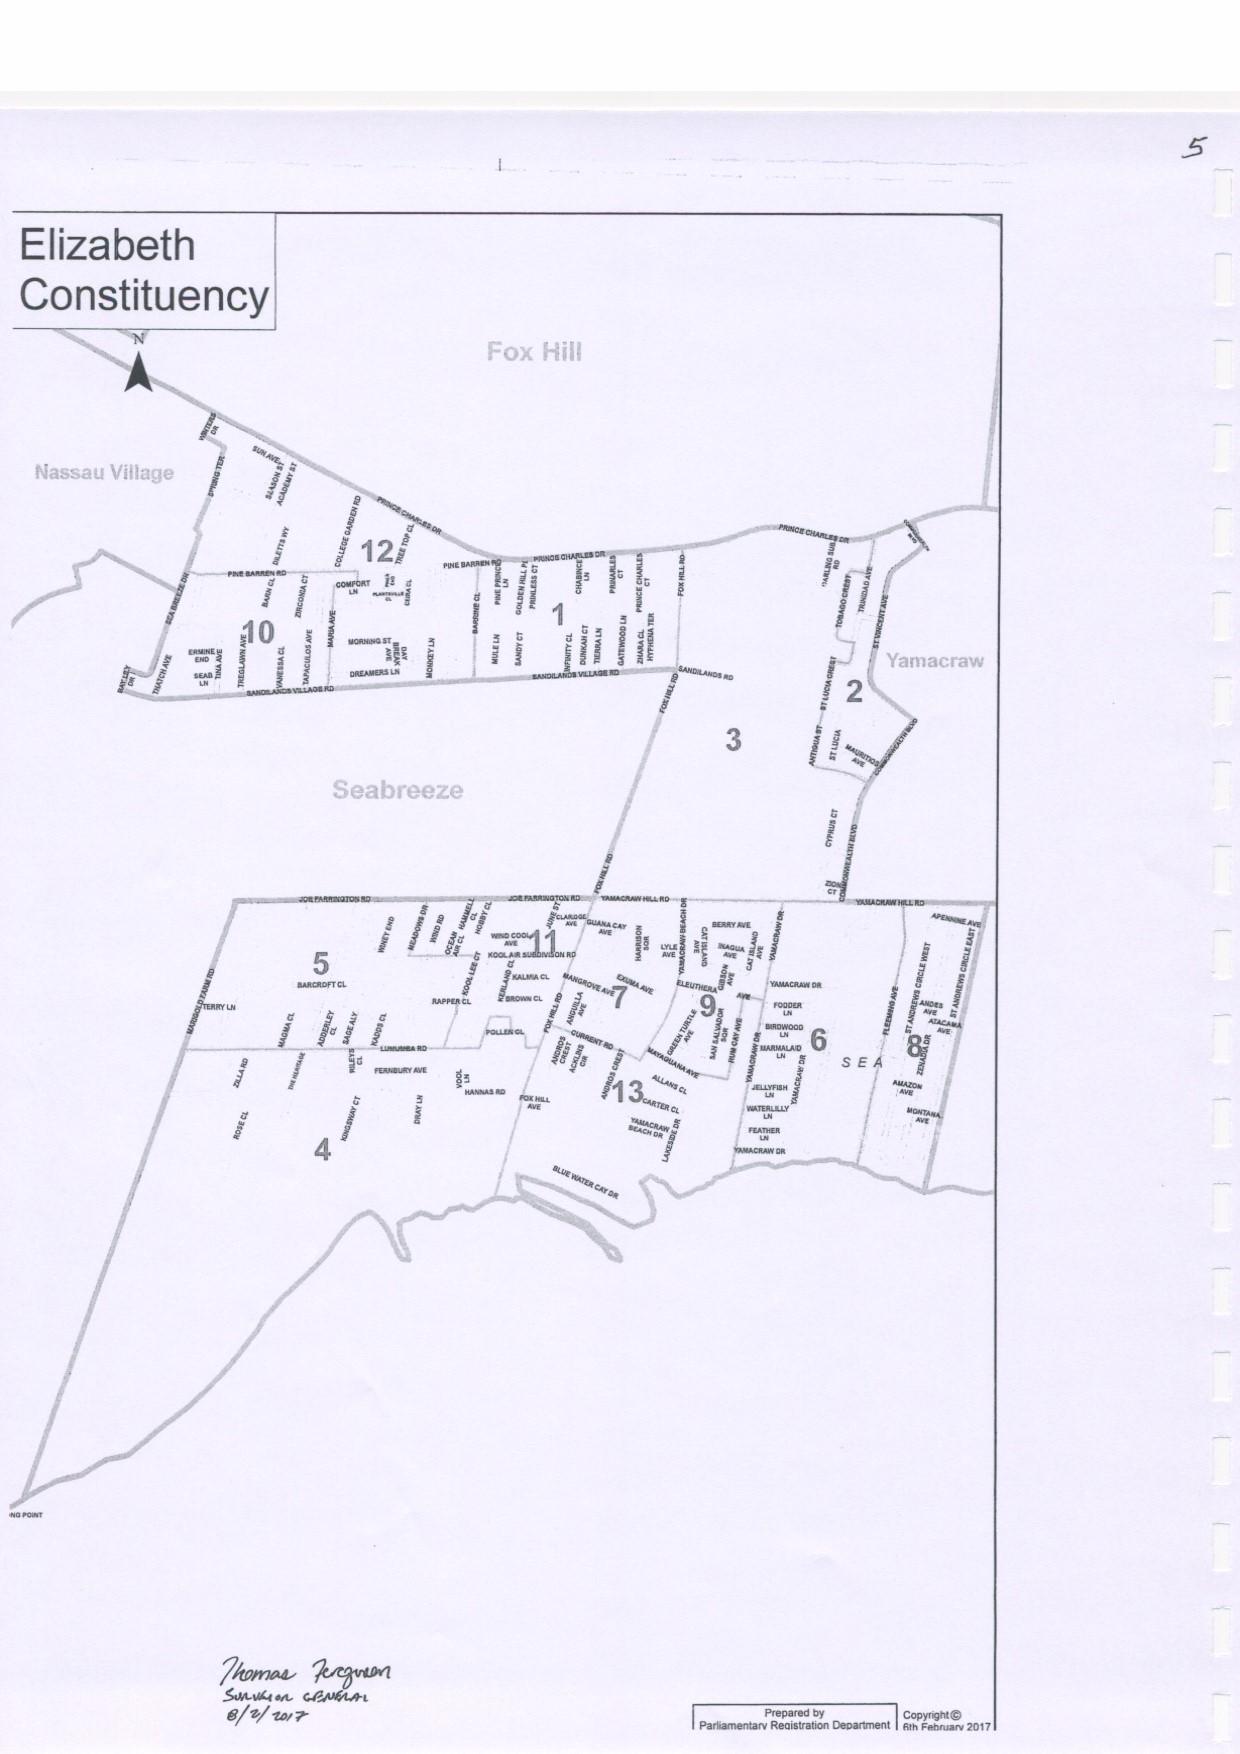 Elizabeth Constituency 2017